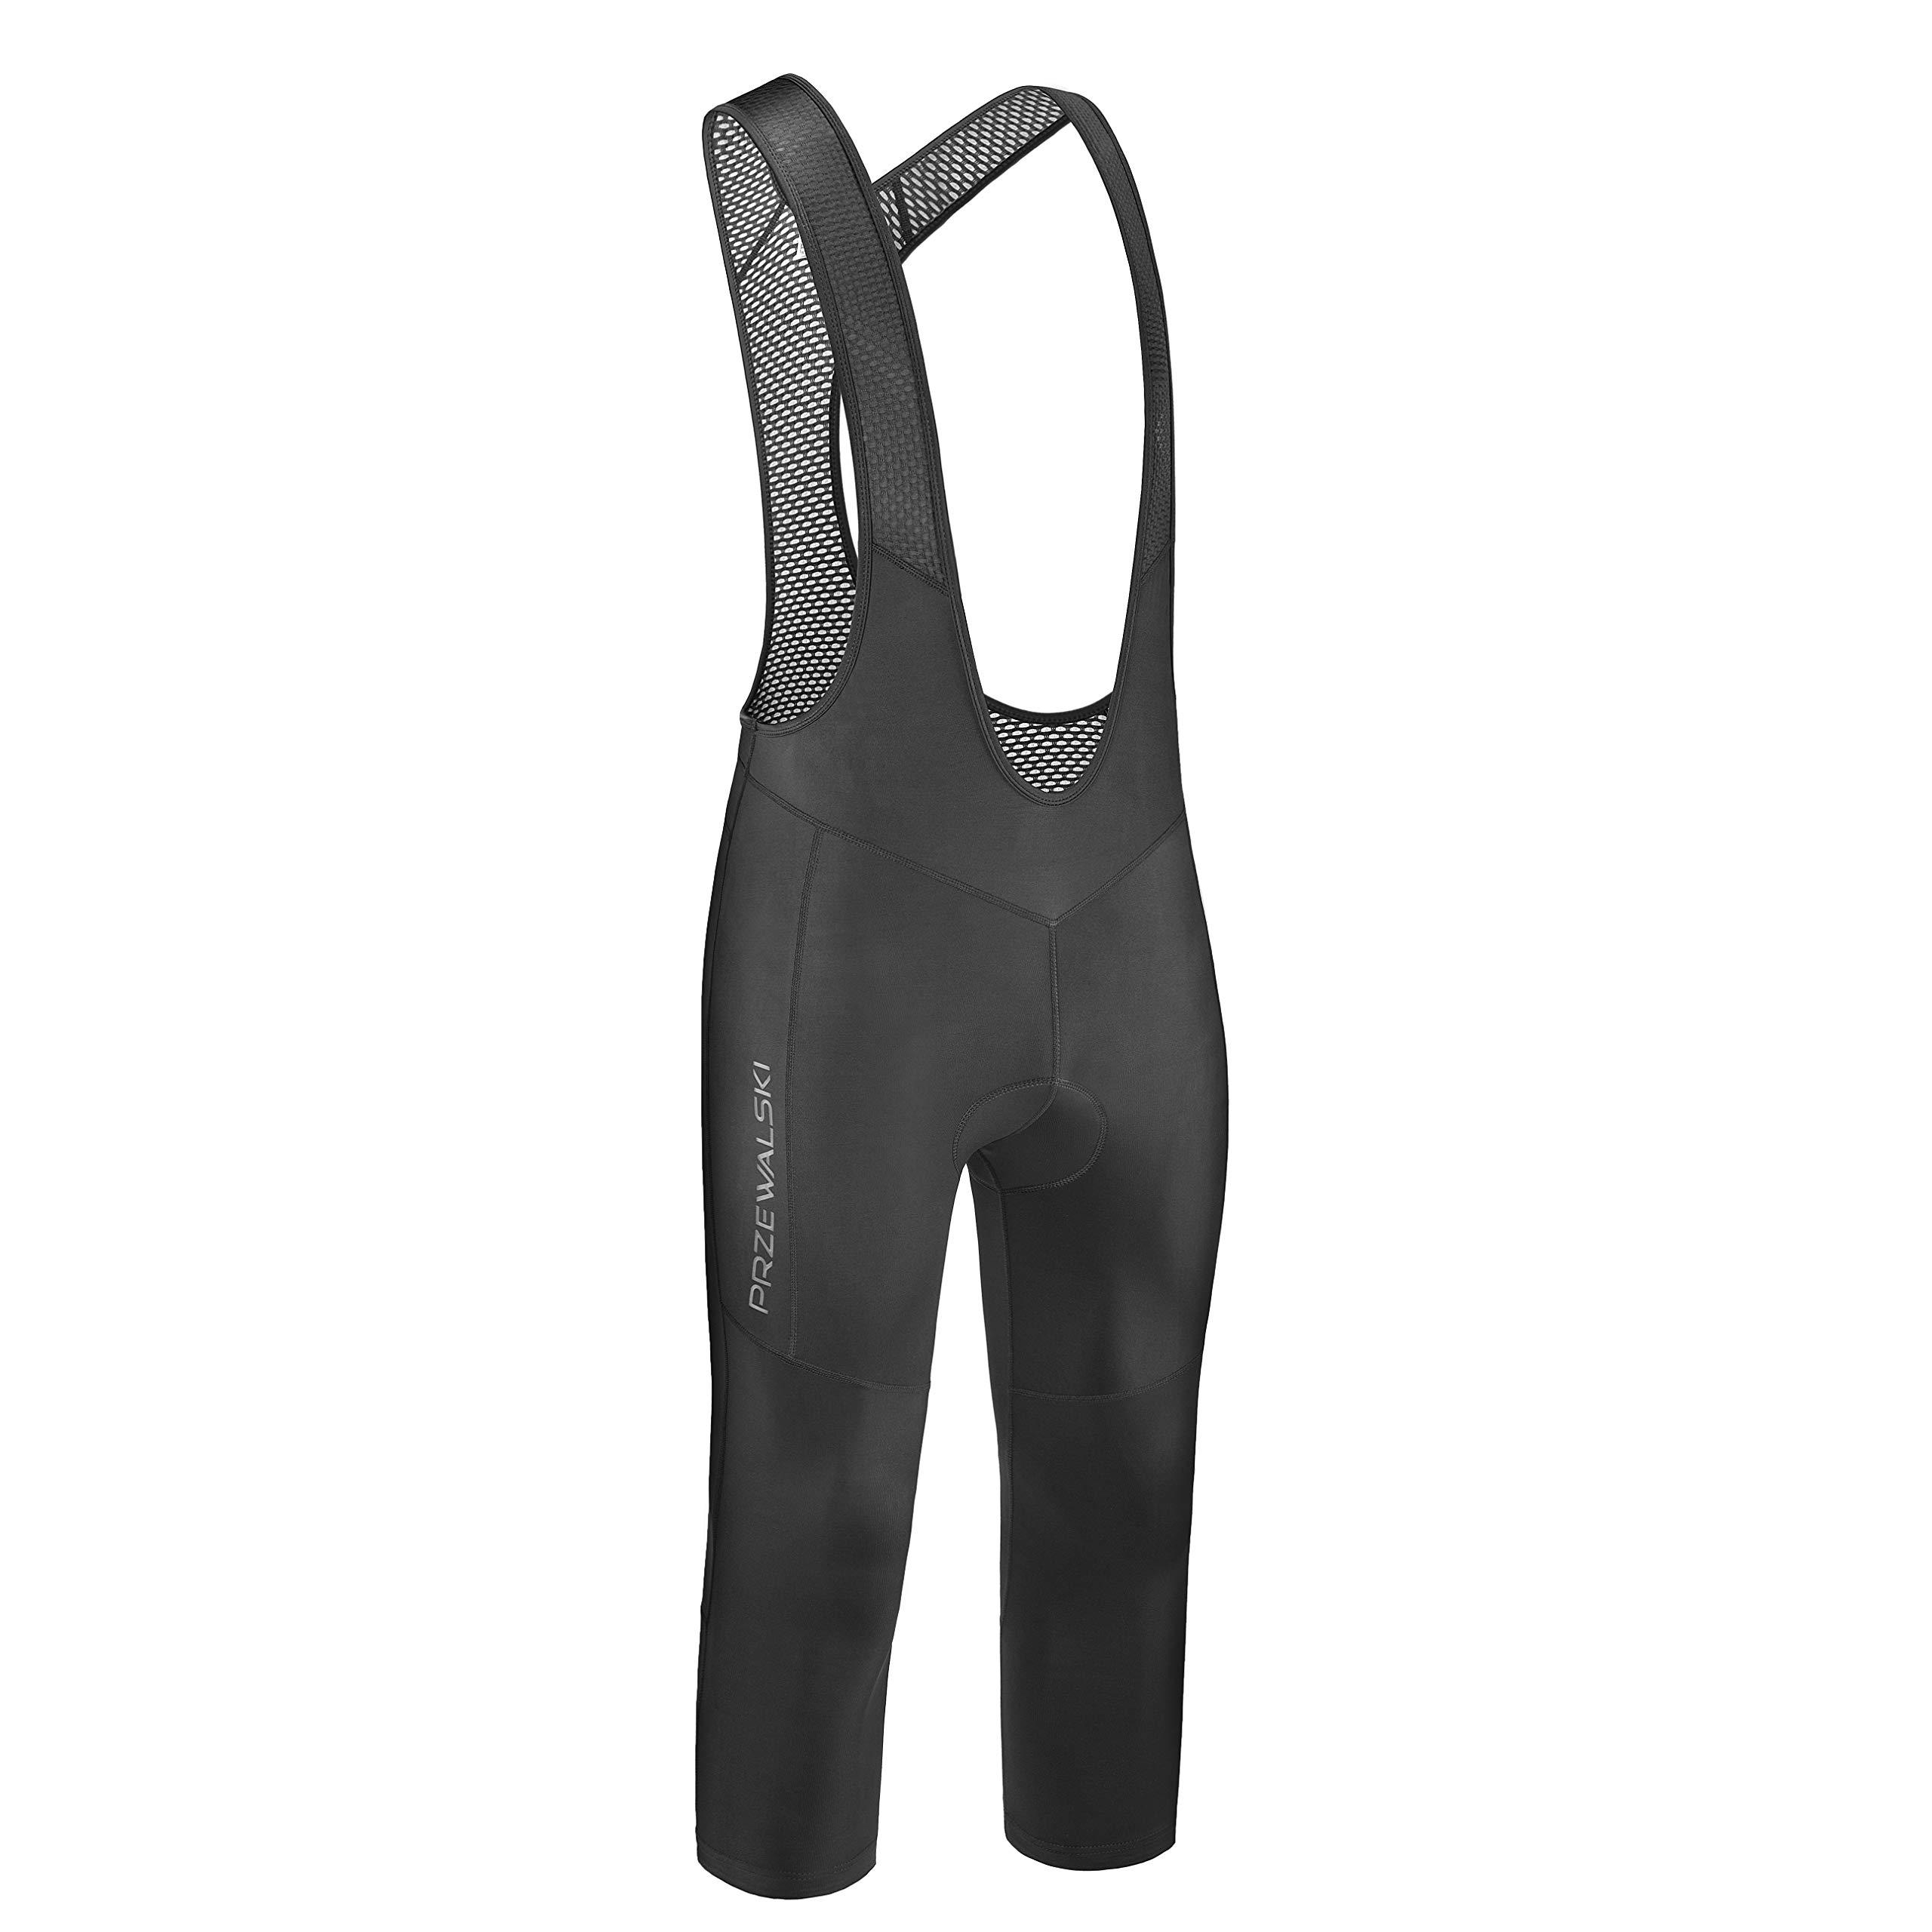 Przewalski Men's 3/4 Capris Cycling Bib Shorts, 4D Padded Compression Bike Tights Pants, Classic Series, Black/XL